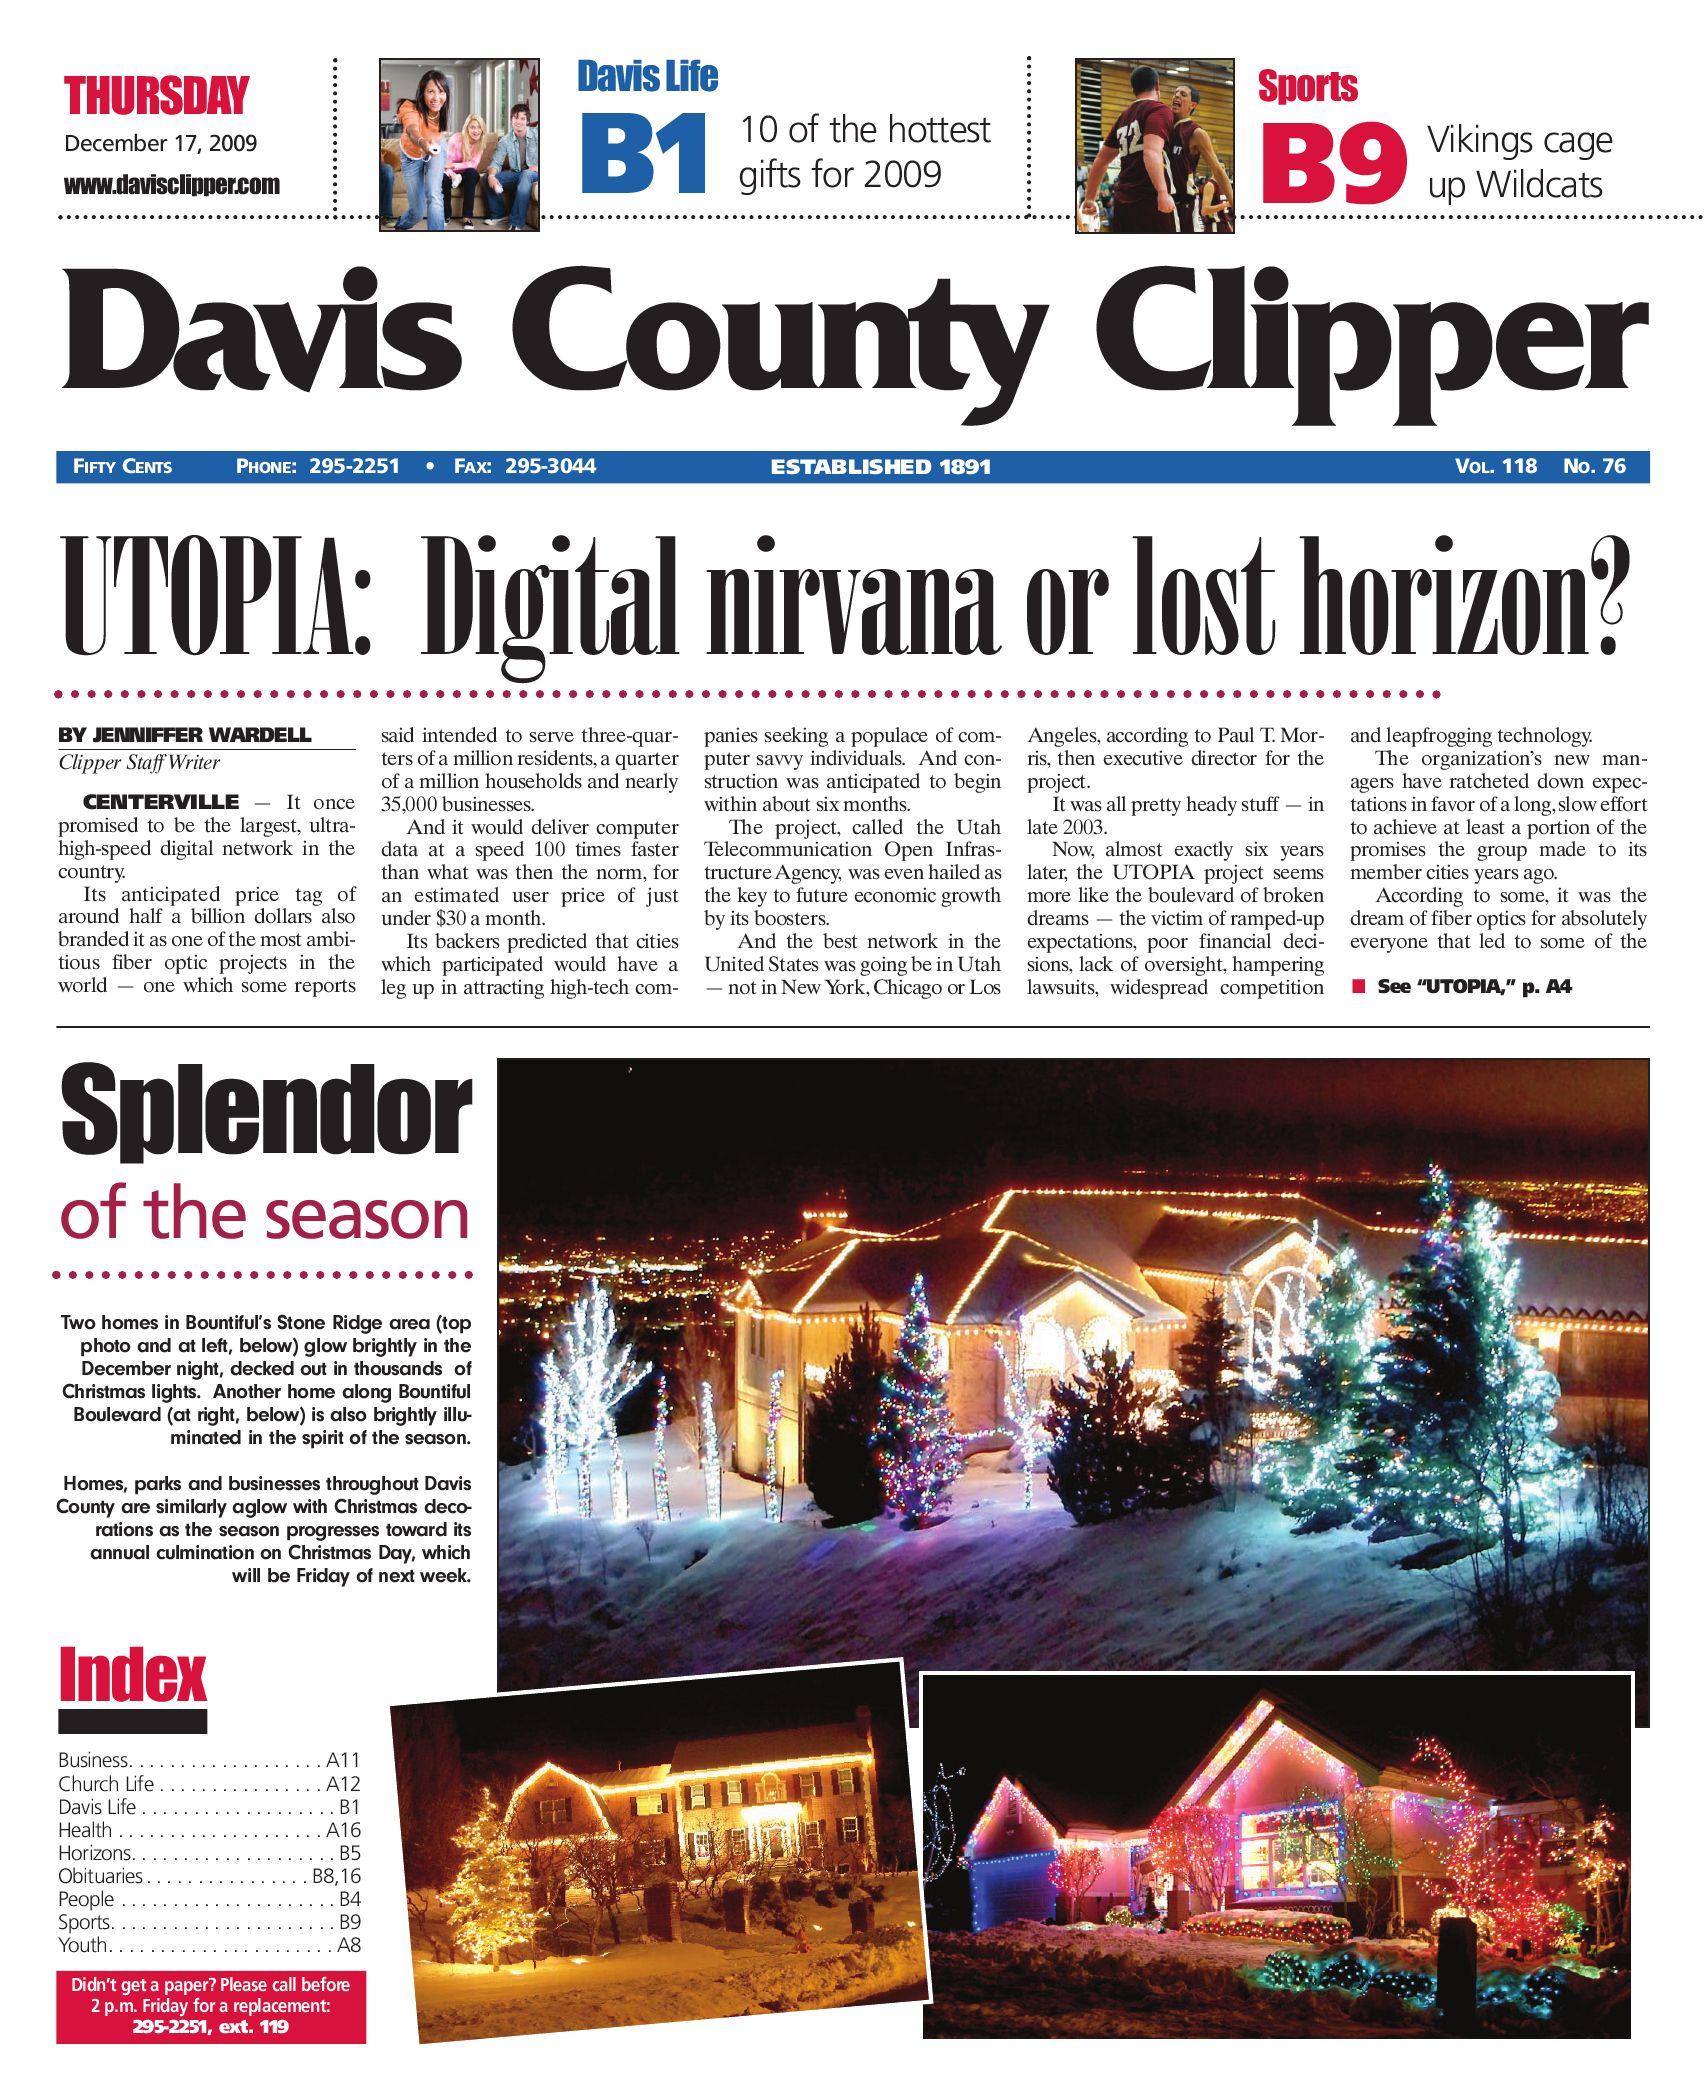 Davis Clipper December 17, 2009 by Davis Clipper - issuu